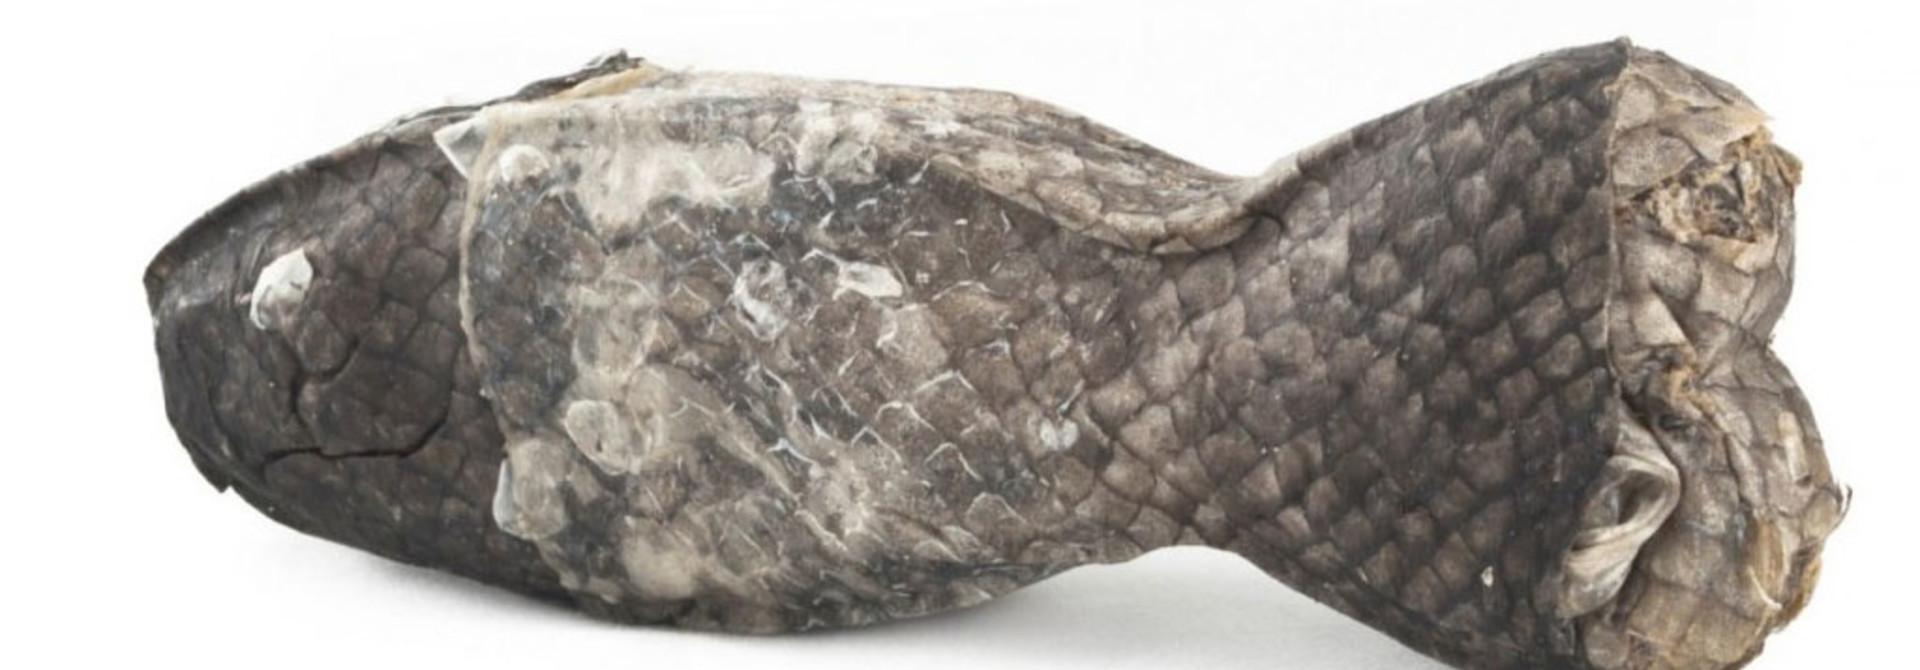 IcePaw Salmon Chewing Bone